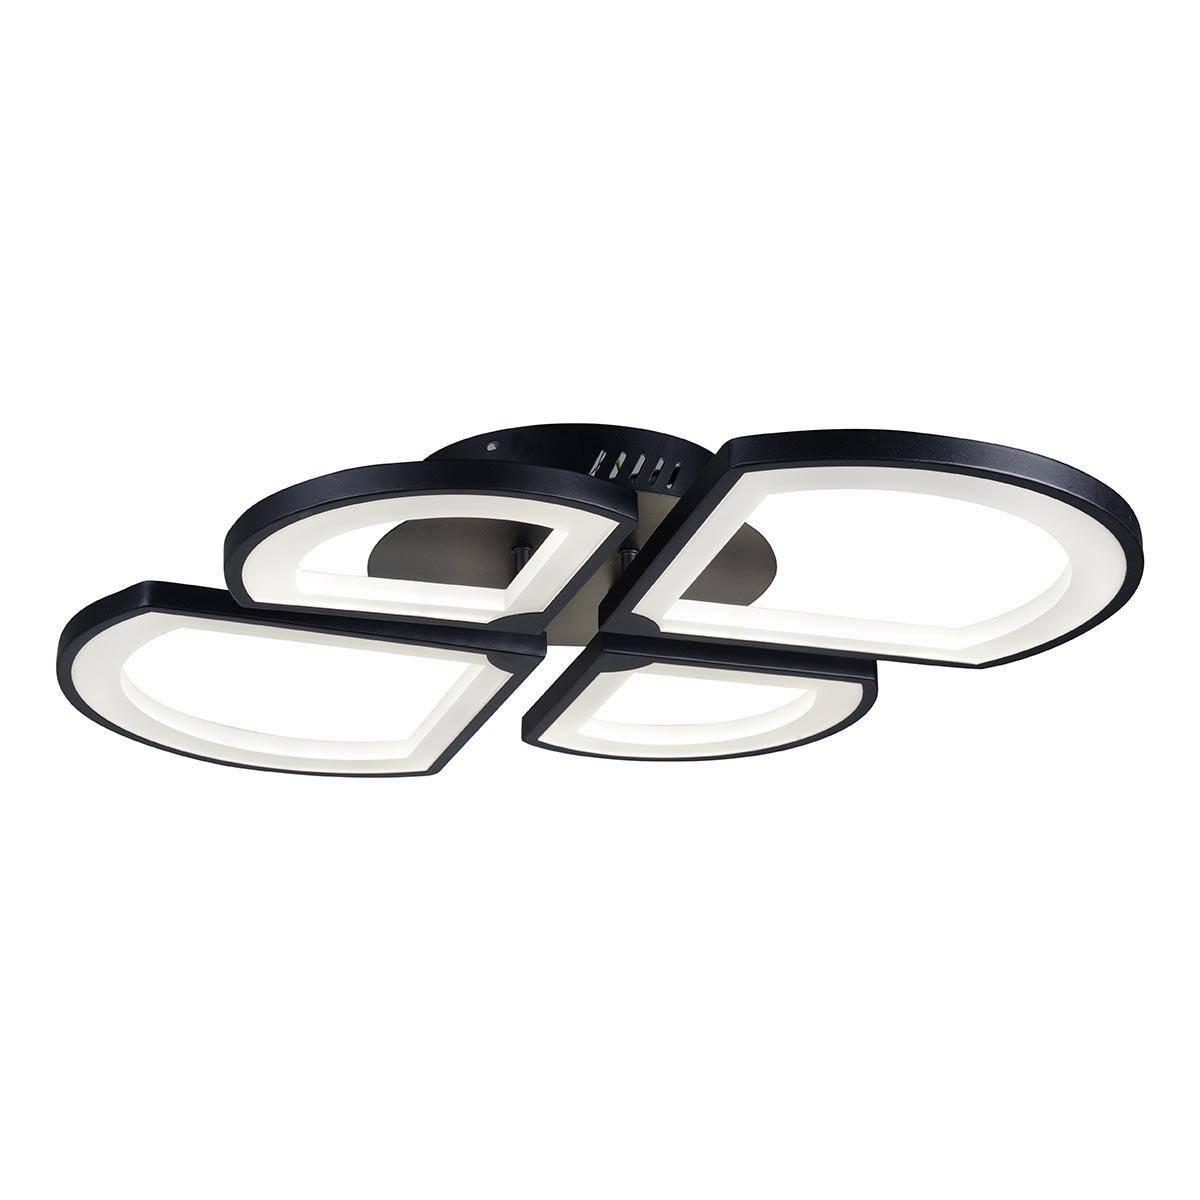 Потолочная светодиодная люстра iLedex River X024-4 BK